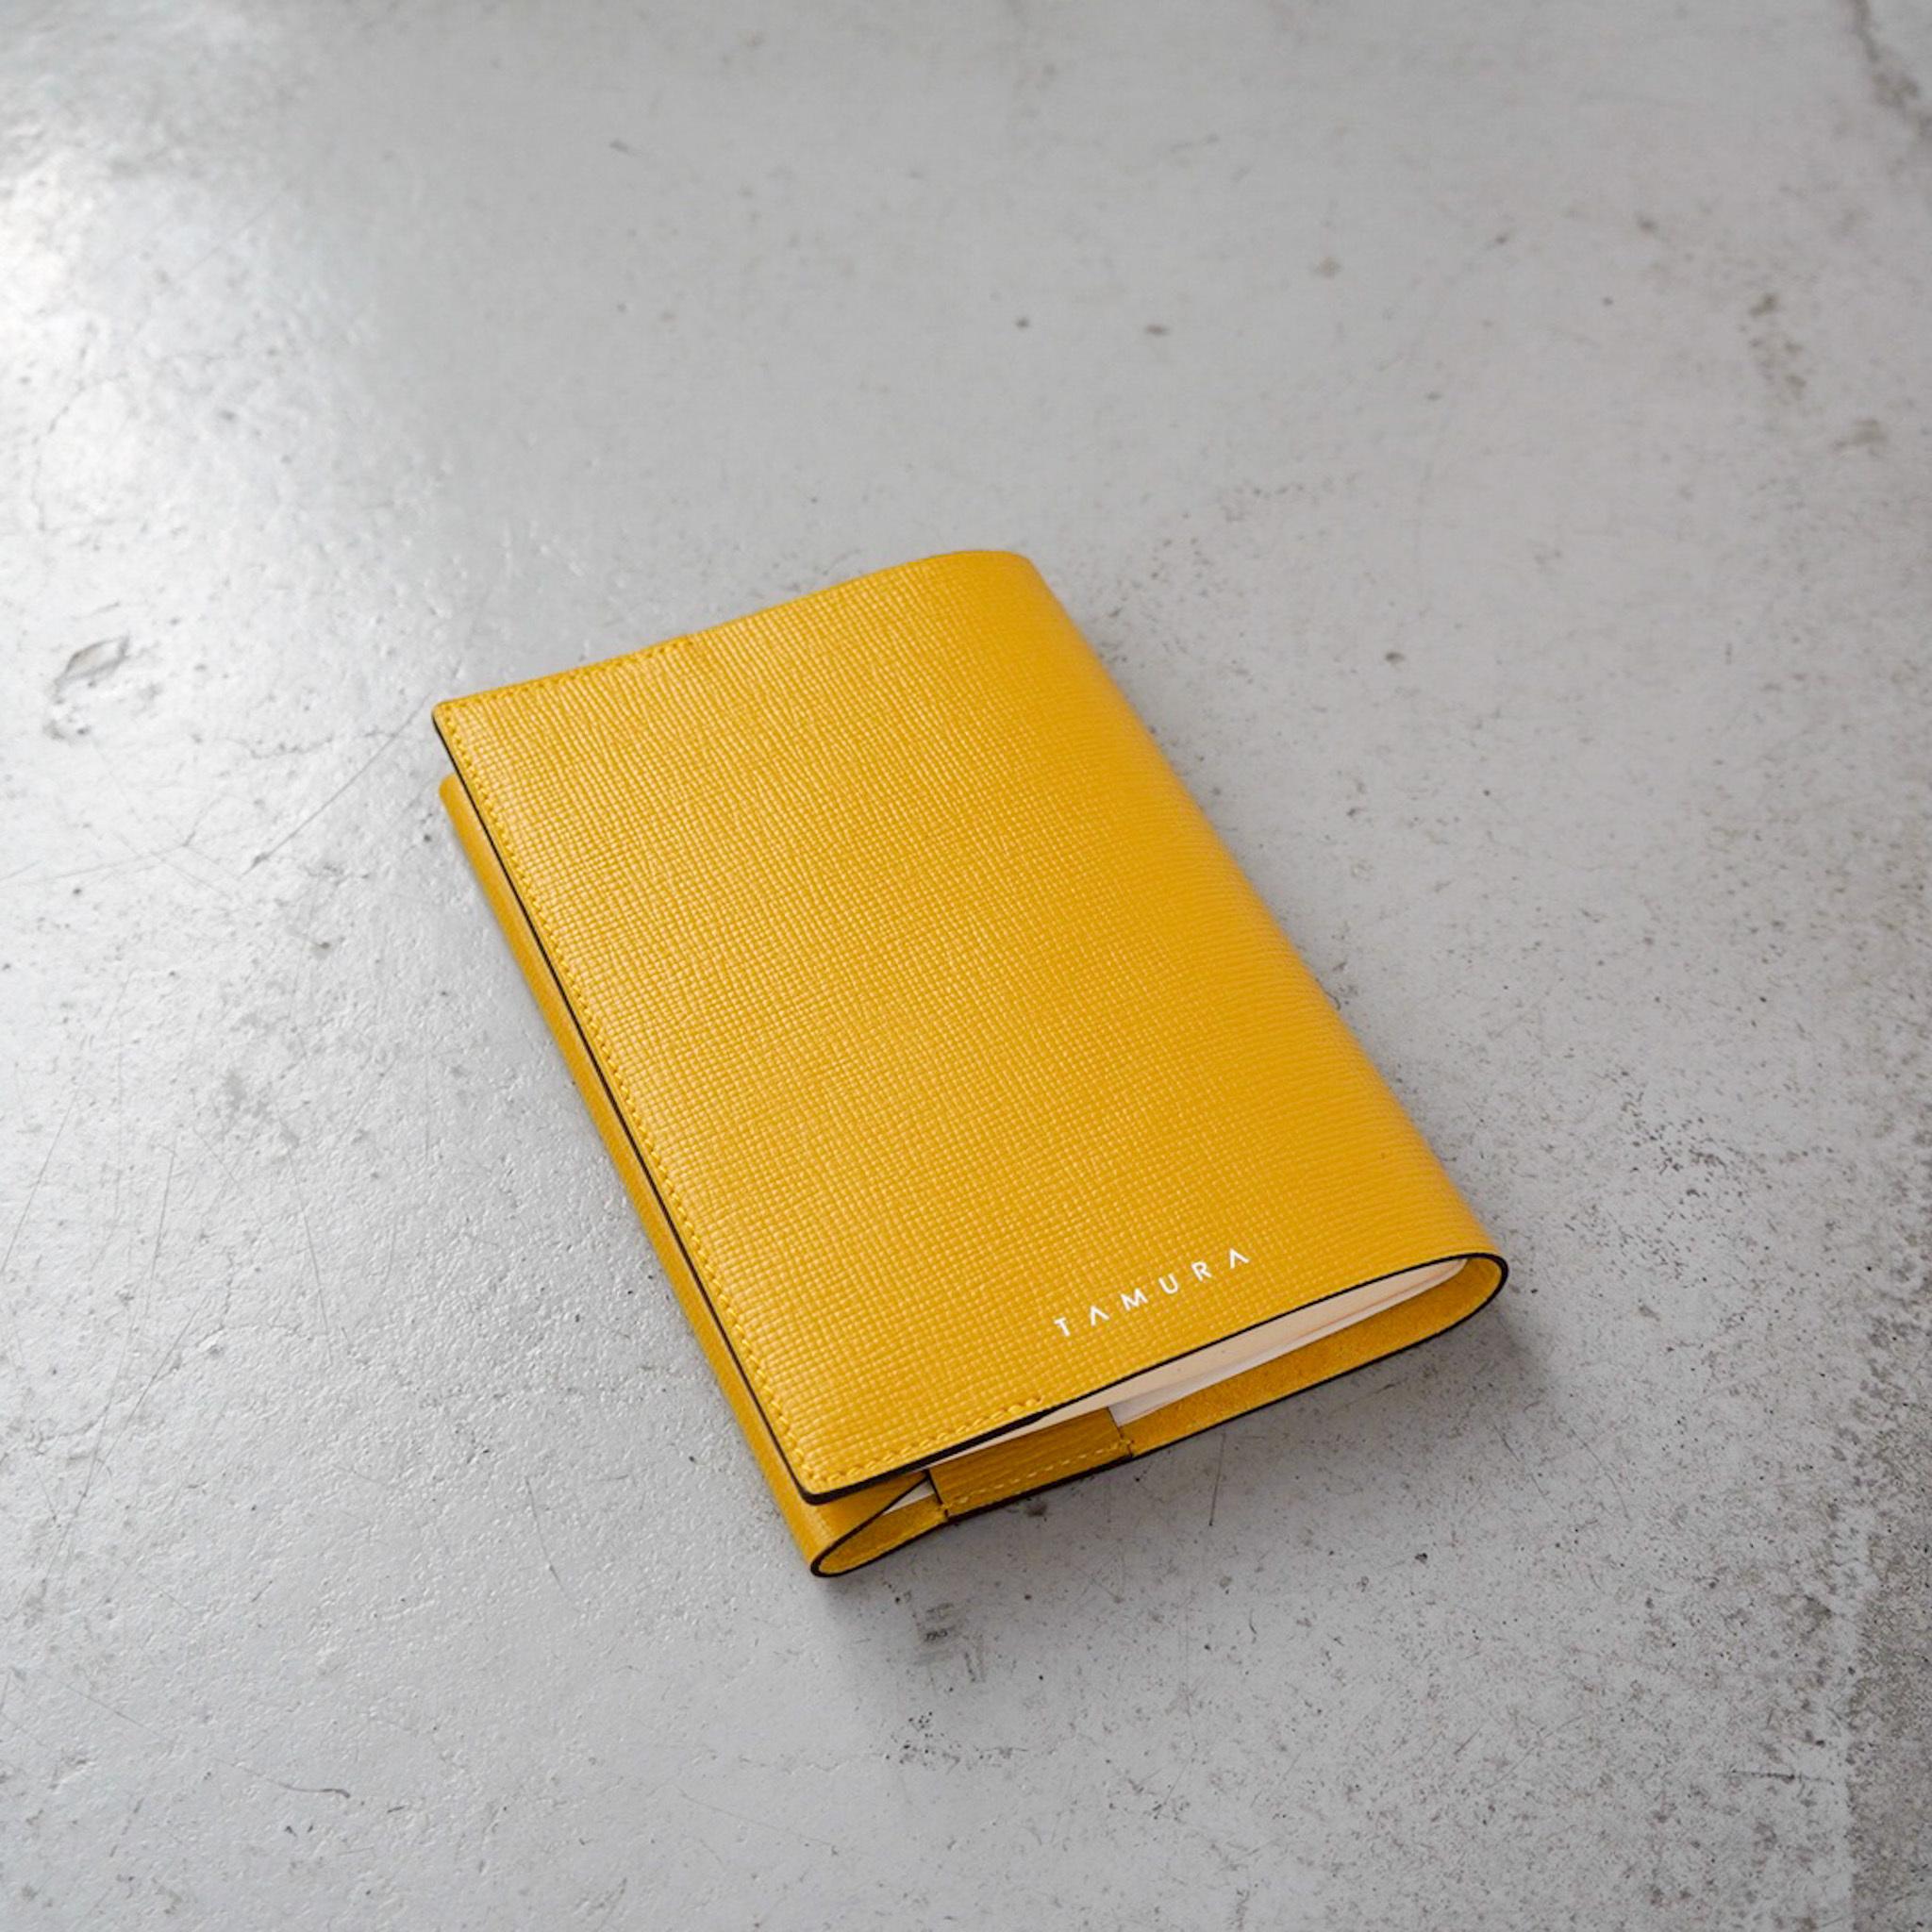 BOOK COVER(文庫サイズ)マスタード × イエロー